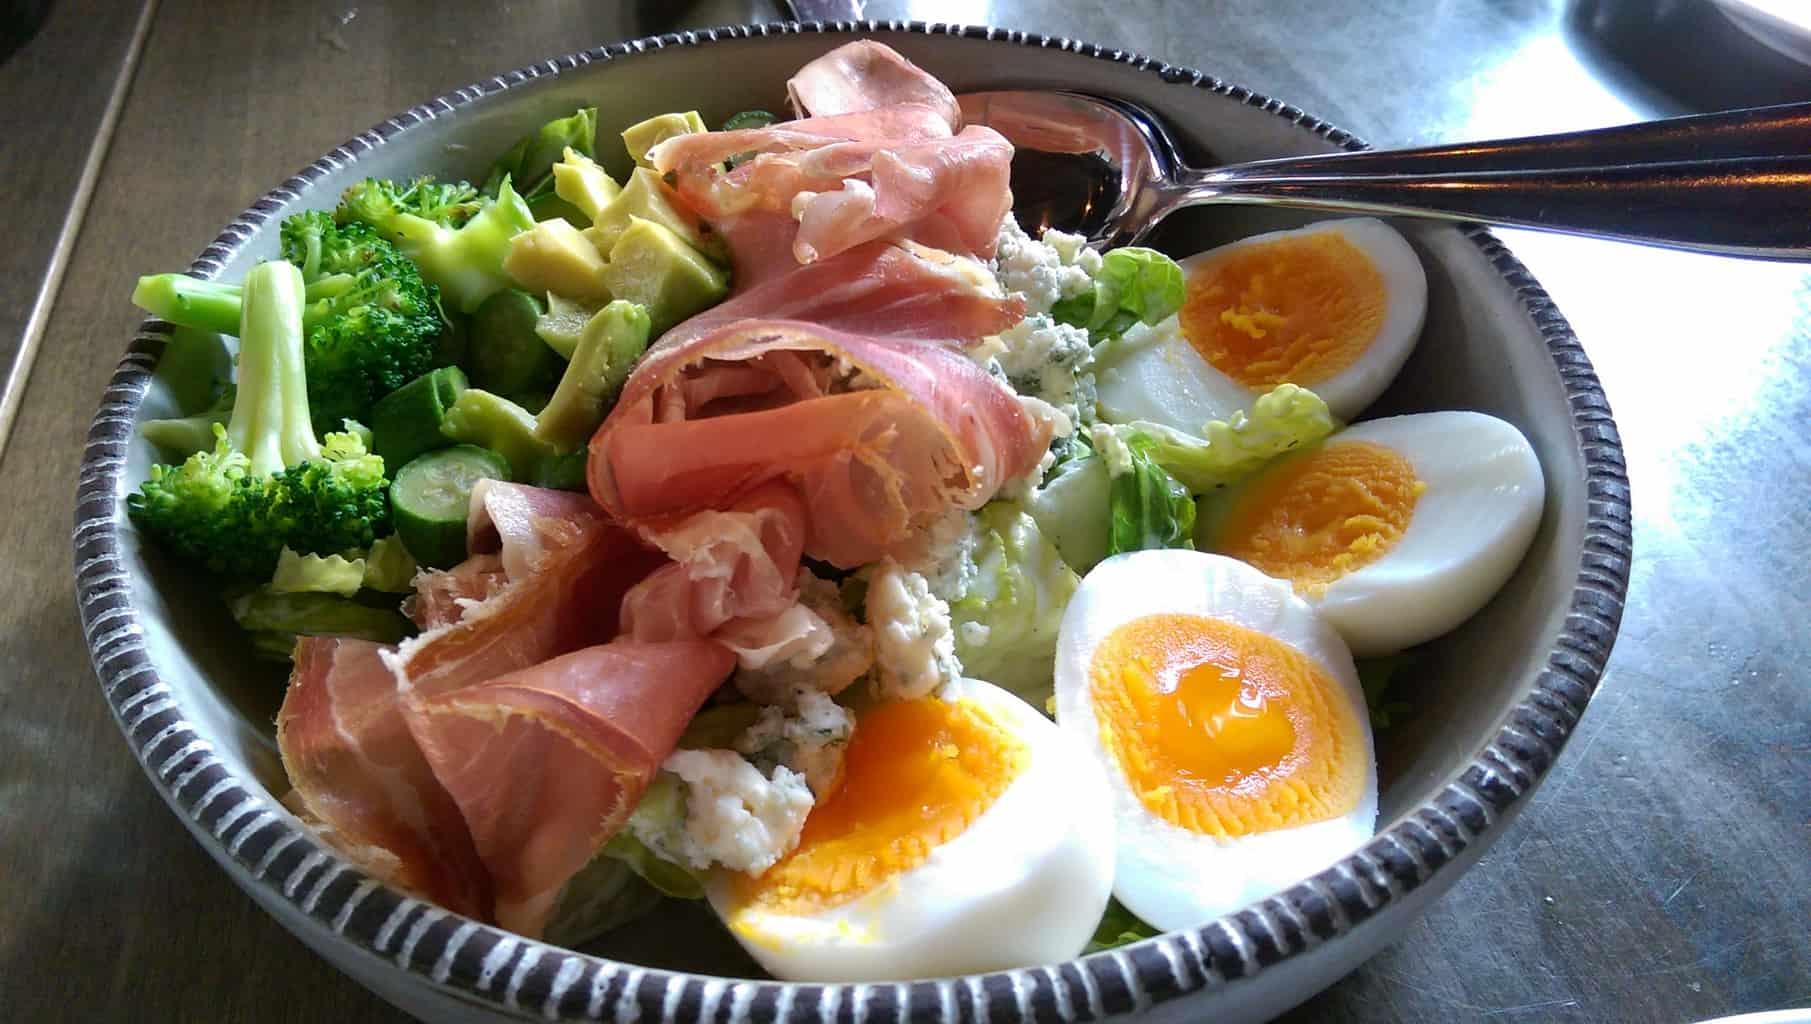 bob cobb's salad